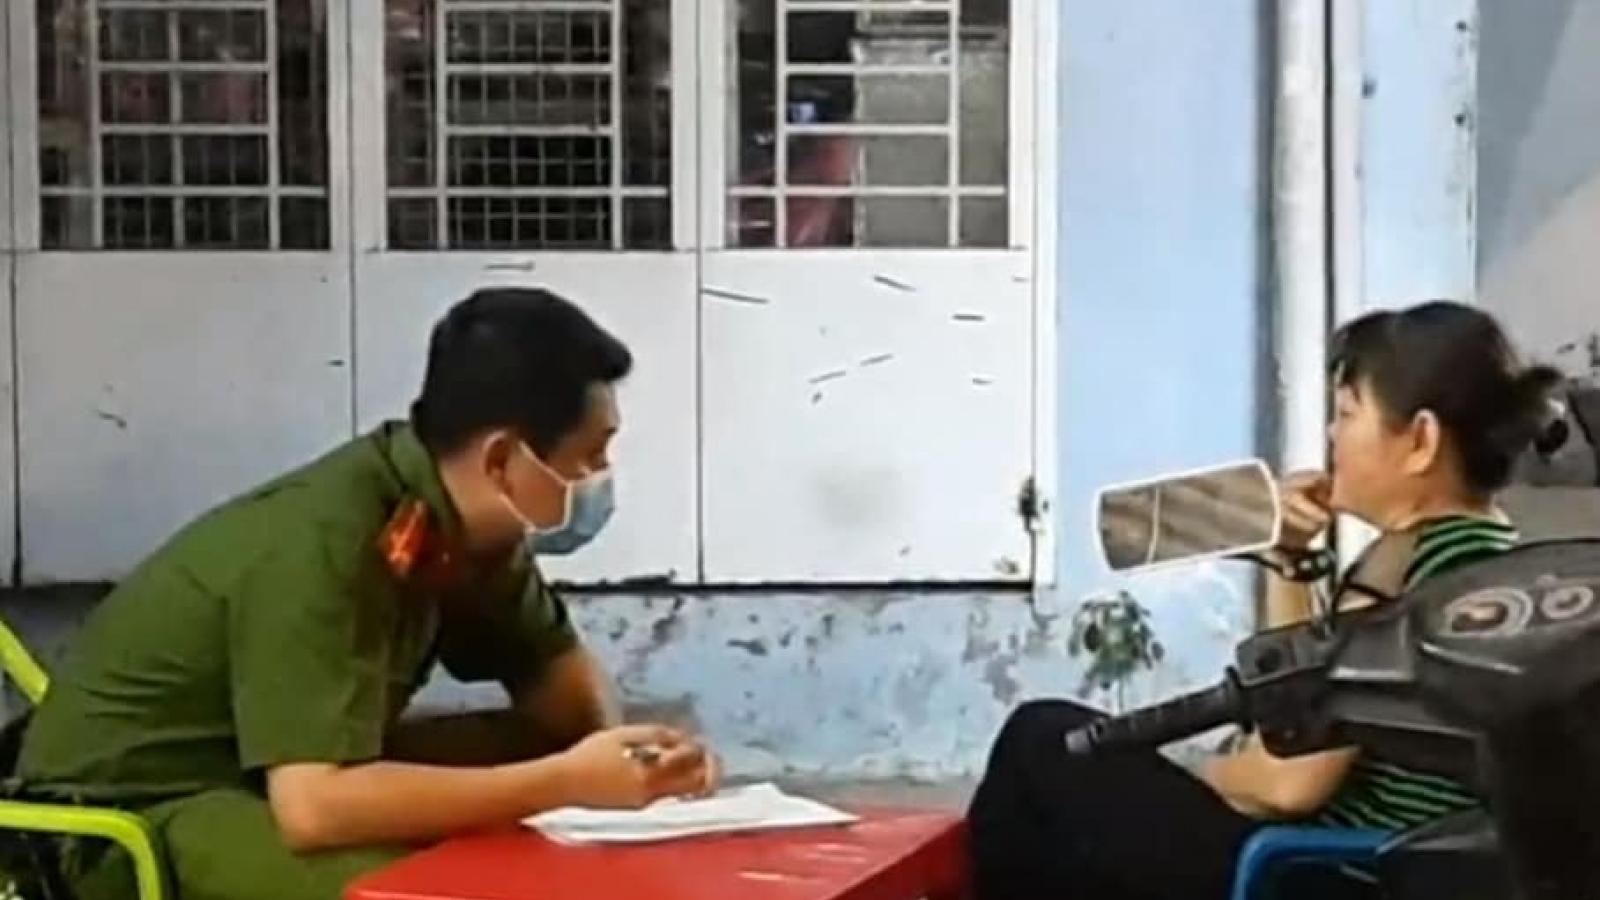 Nóng 24h: Xuất hiện nhiều băng nhóm dùng súng thanh toán nhau tại Tiền Giang